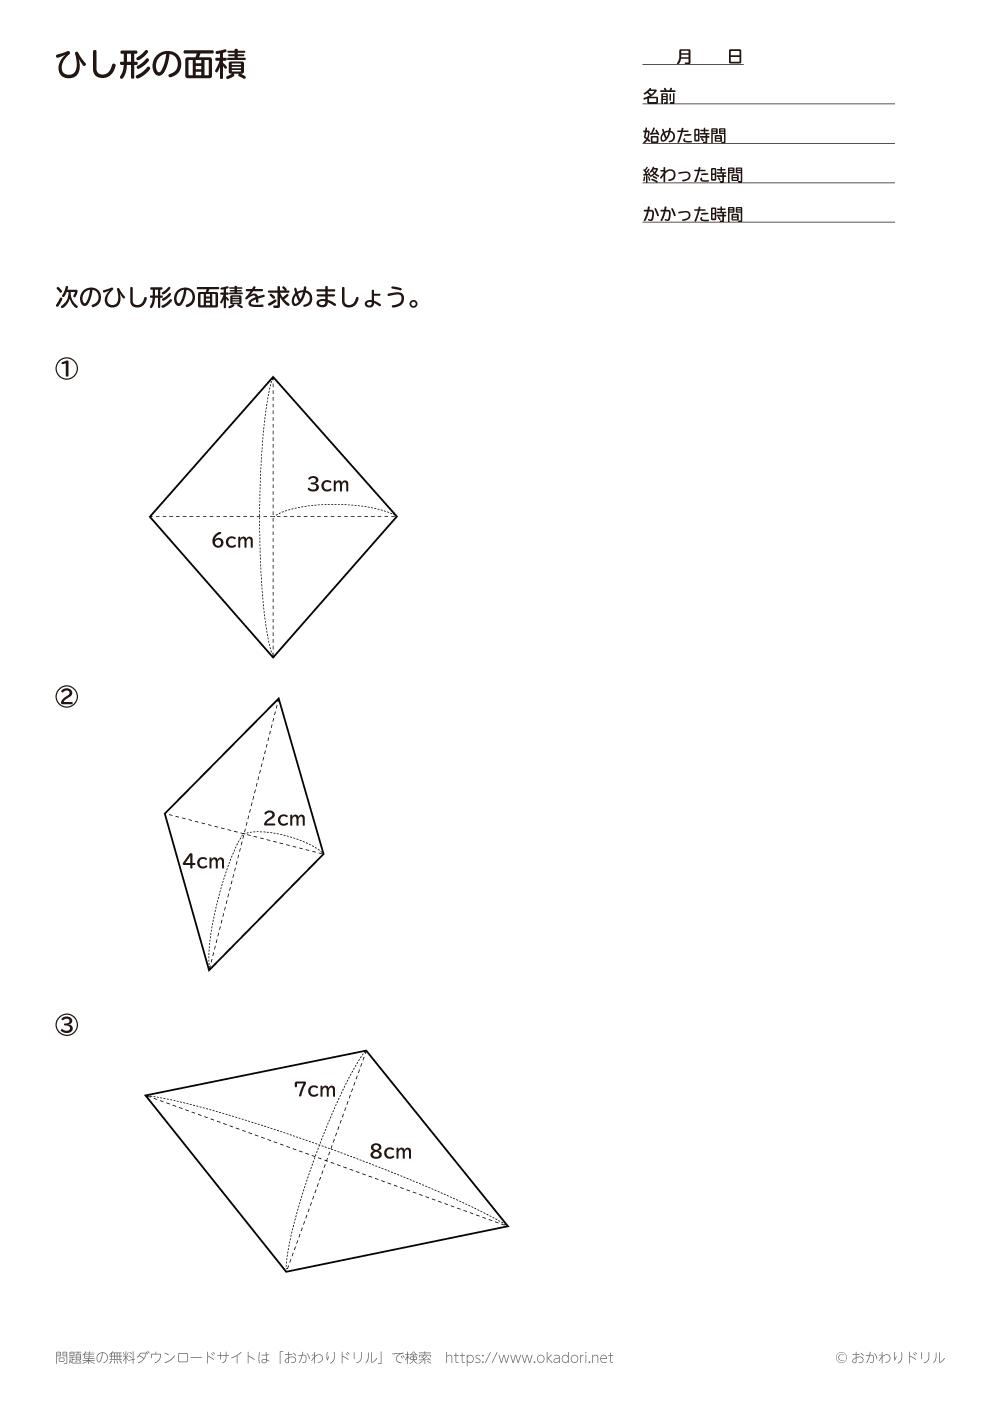 ひし形の面積2